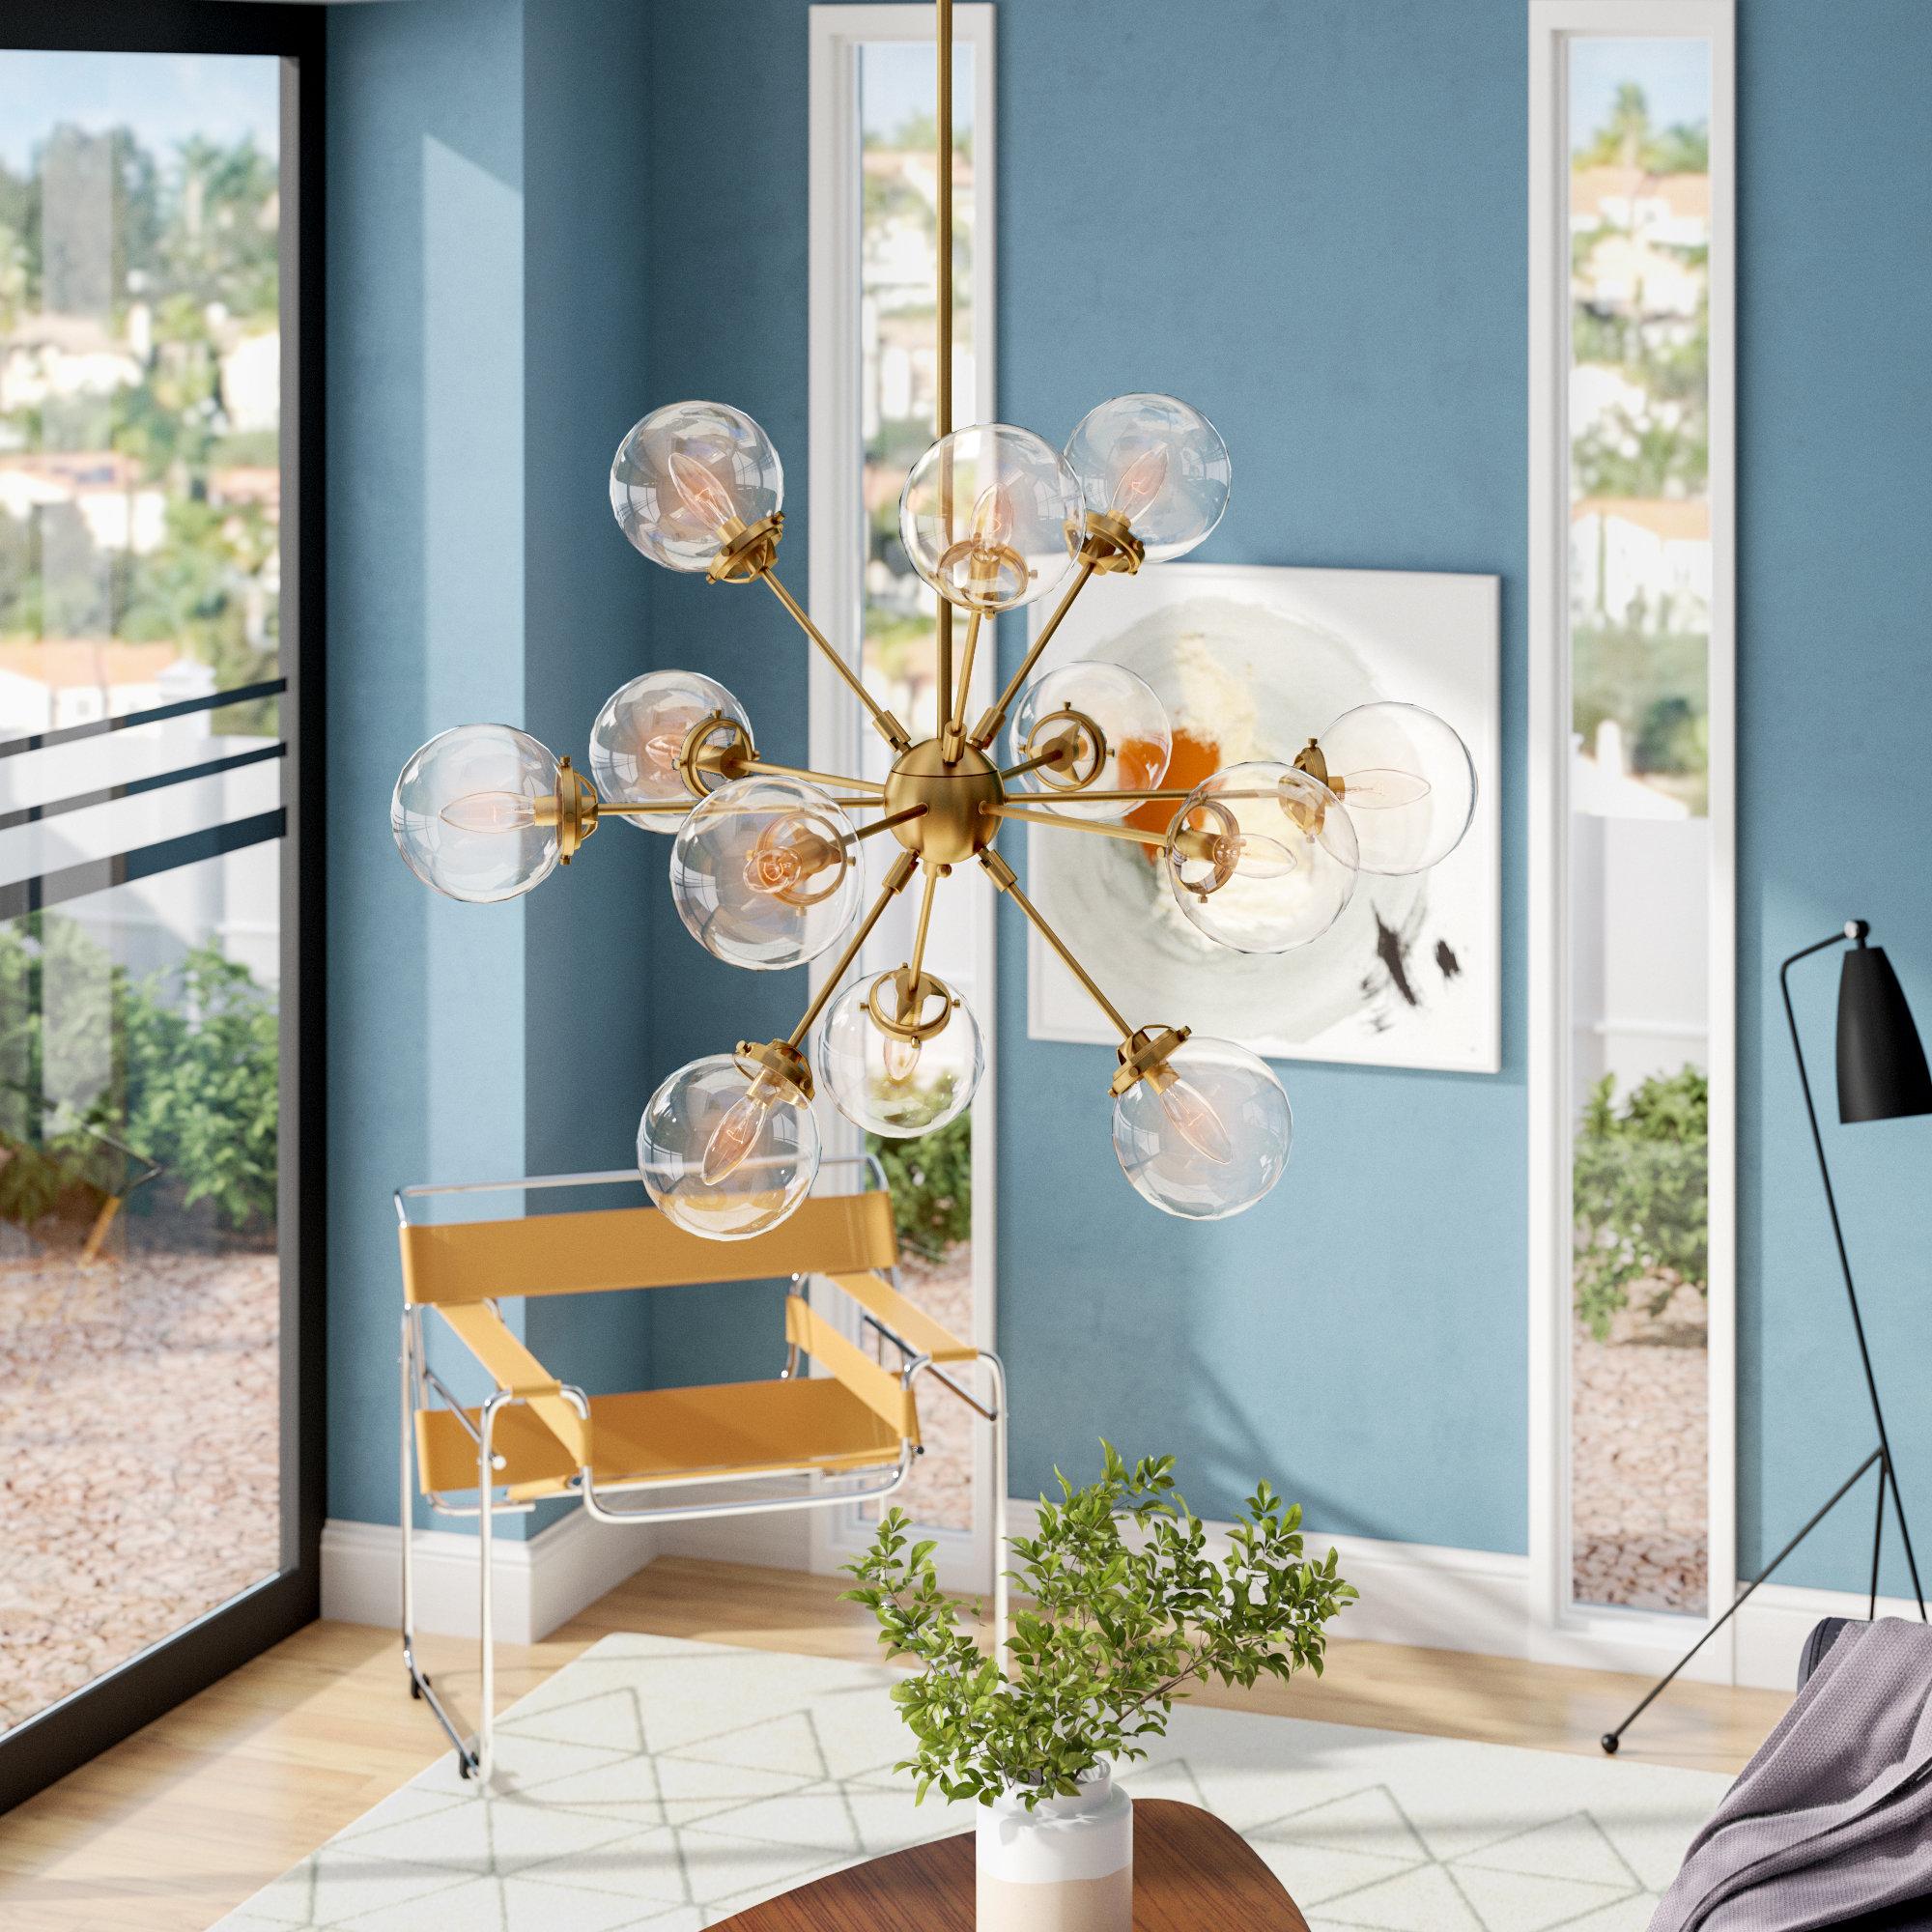 Best And Newest Asher 12 Light Sputnik Chandelier In Asher 12 Light Sputnik Chandeliers (Gallery 3 of 20)